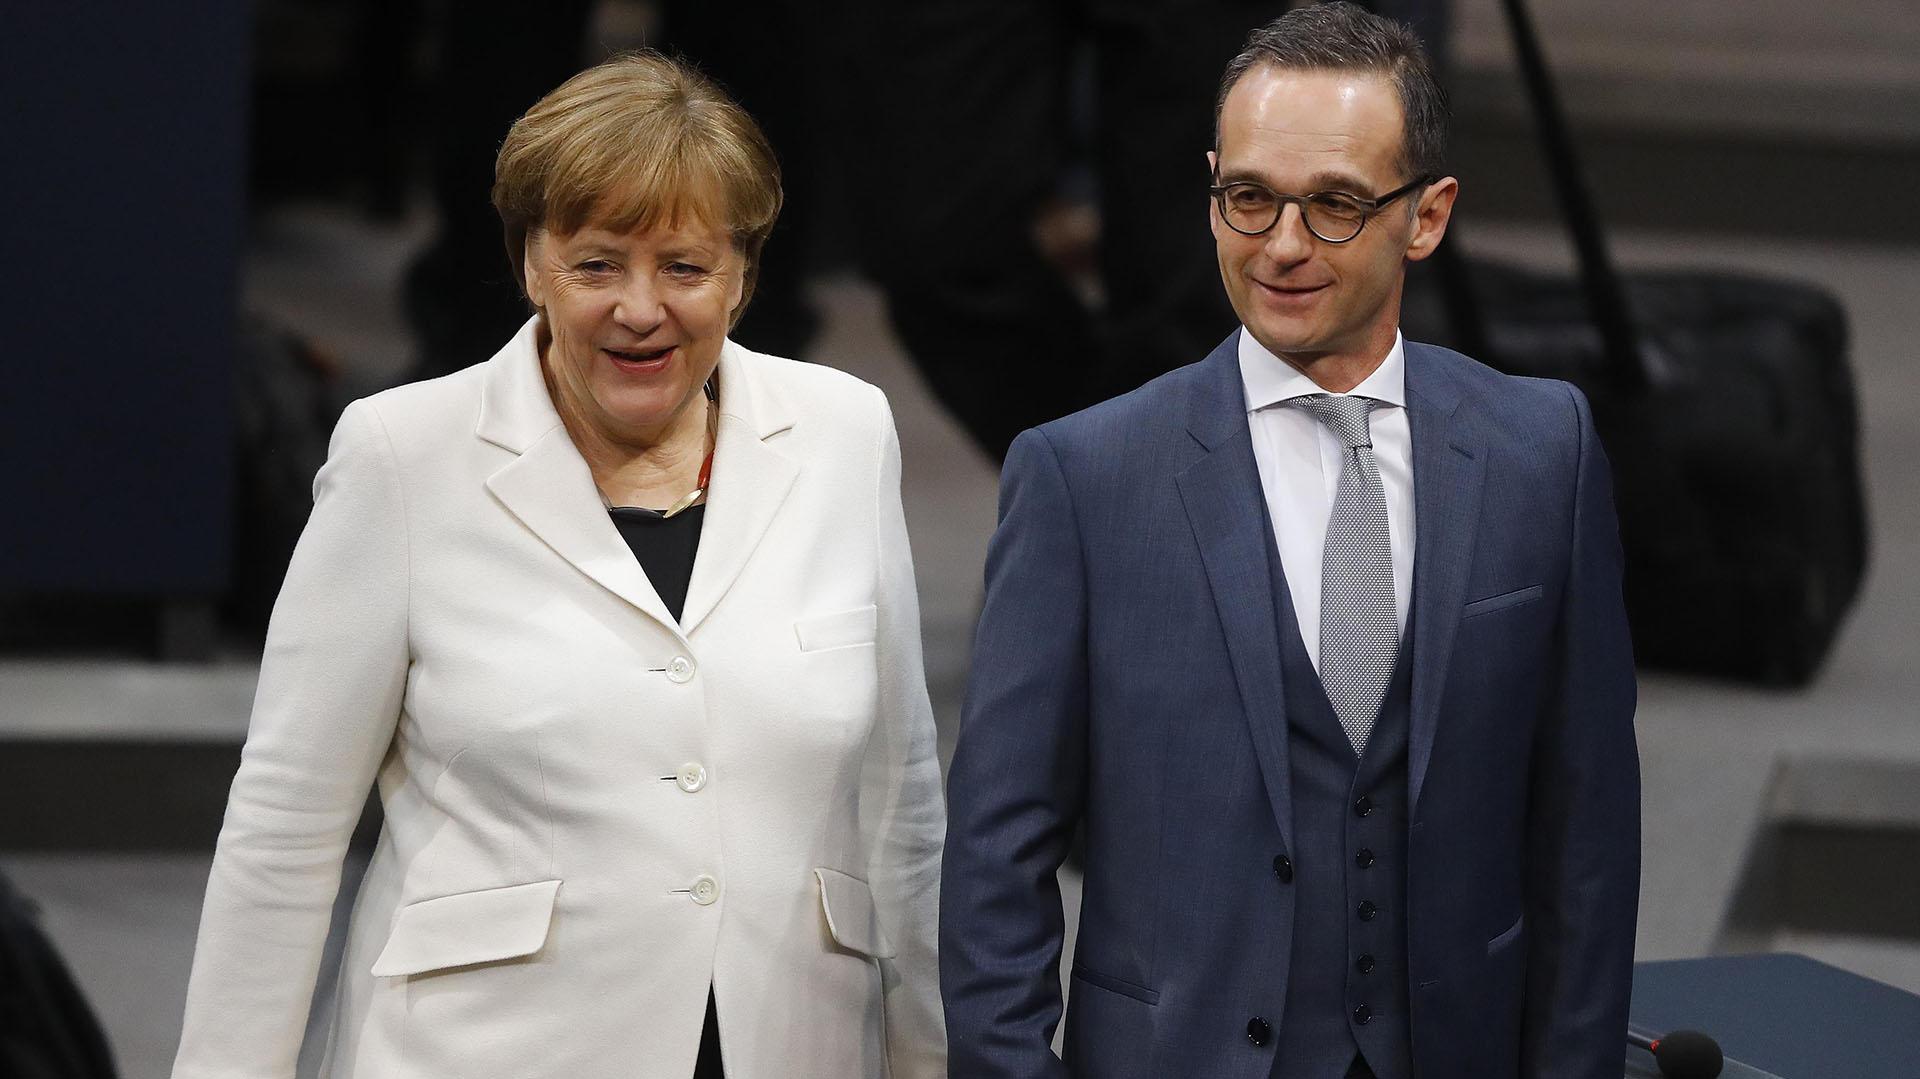 Merkel junto al socialdemócrata Heiko Maas, ministro federal de Justicia (Reuters)